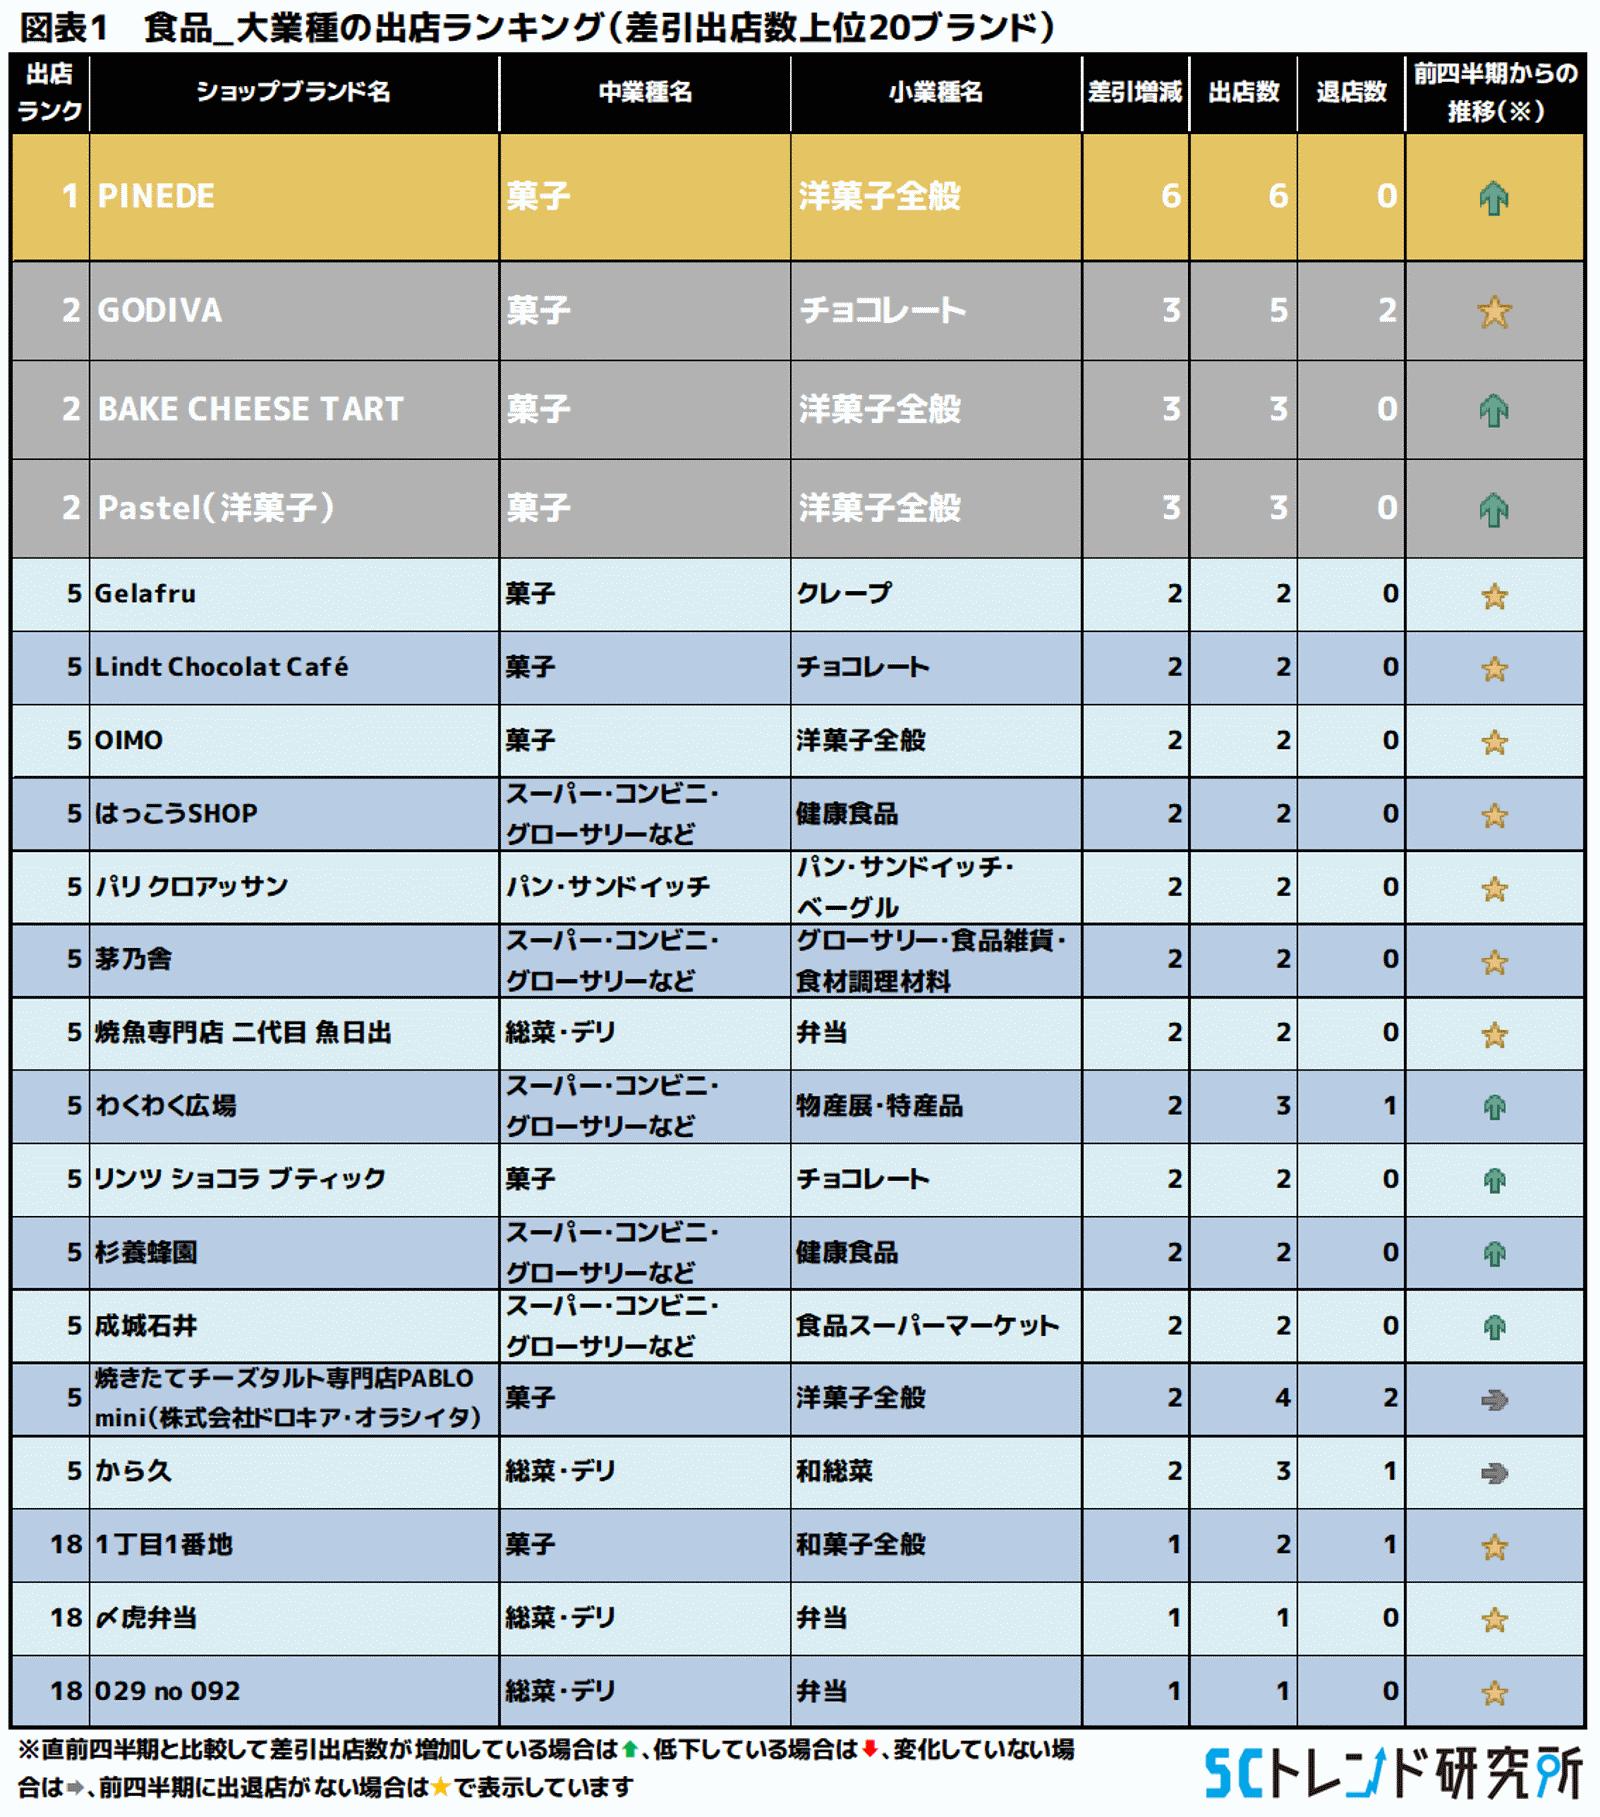 図表1 食品_大業種の出店ランキング(差引出店数上位20ブランド)